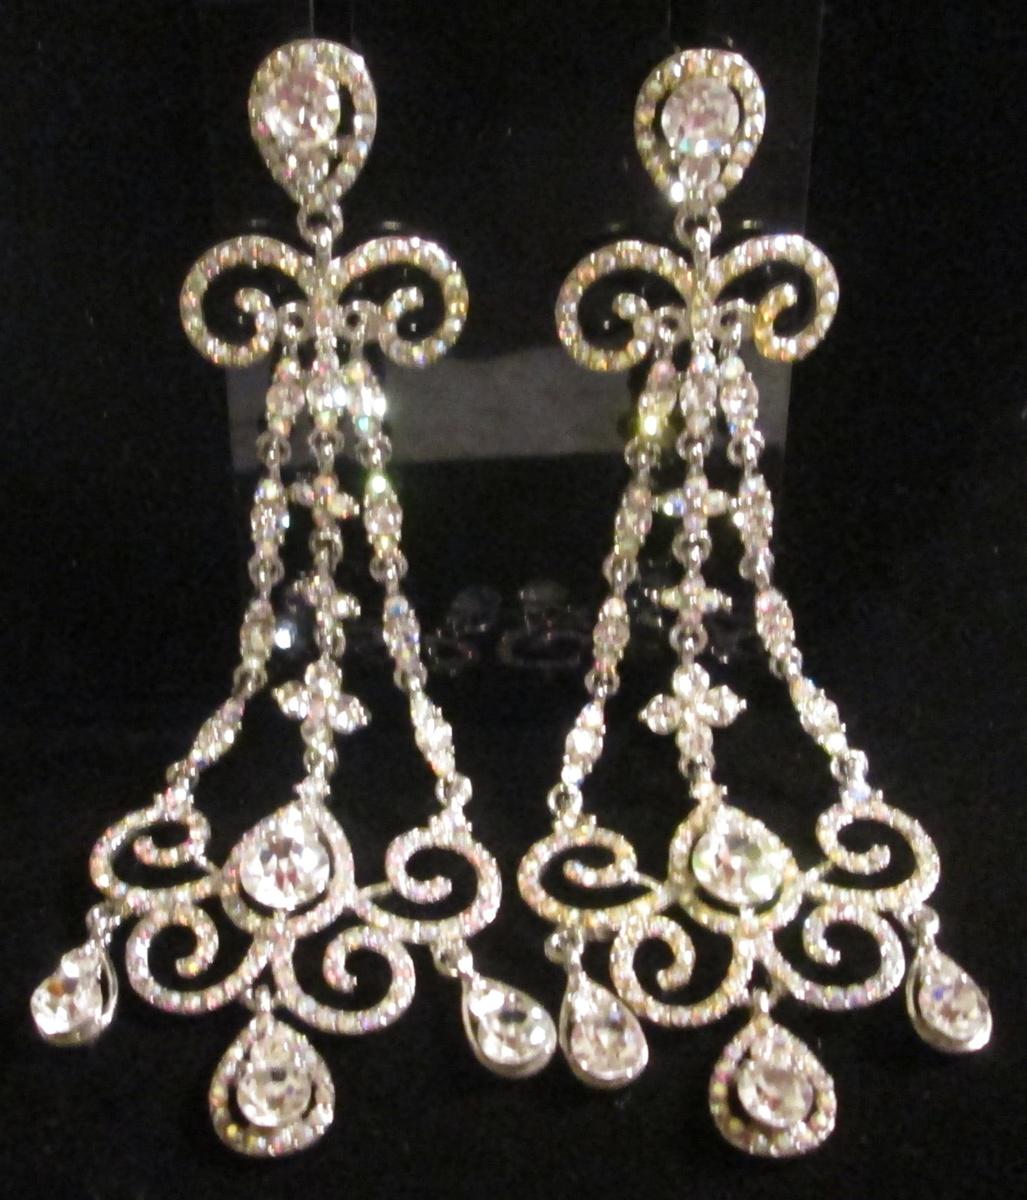 Chandelier earrings bling bling